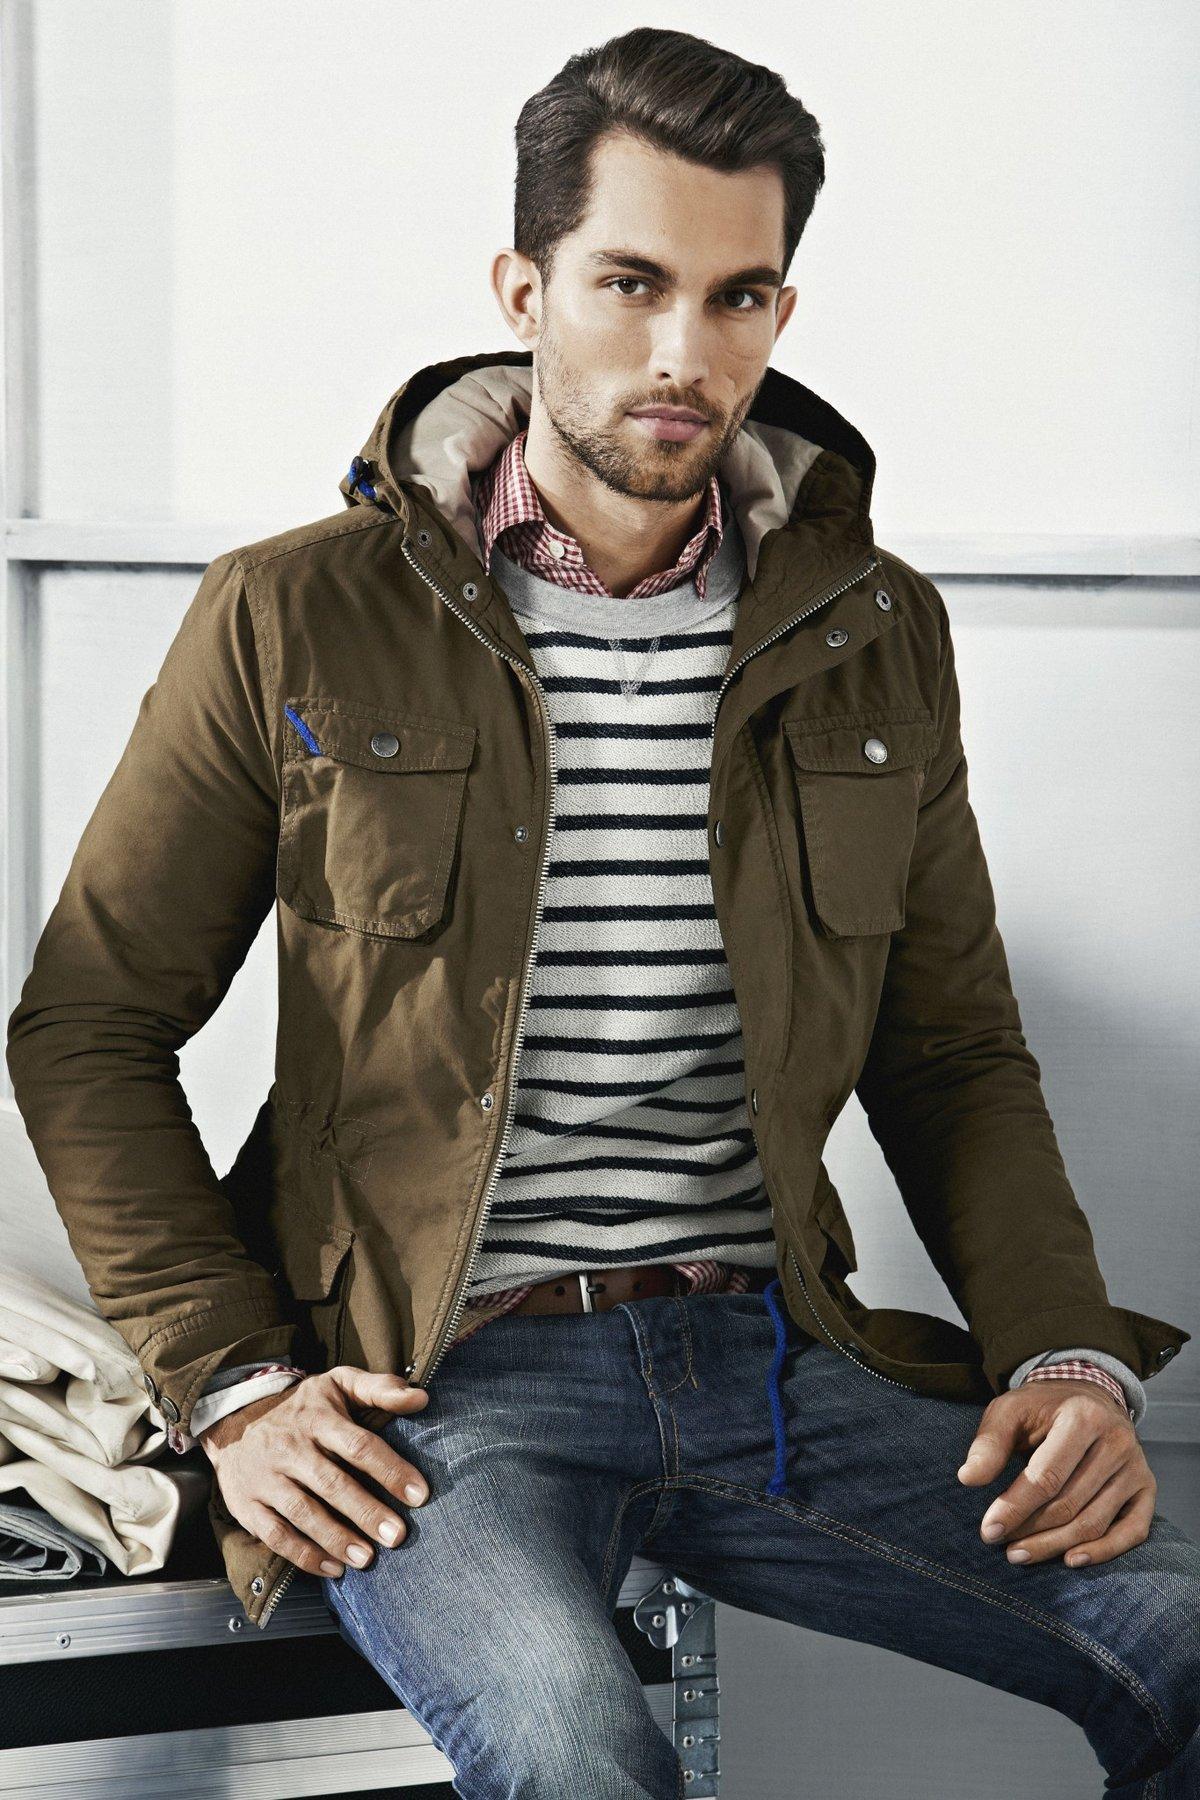 анонимко стильная мужская одежда фото вам взглянуть